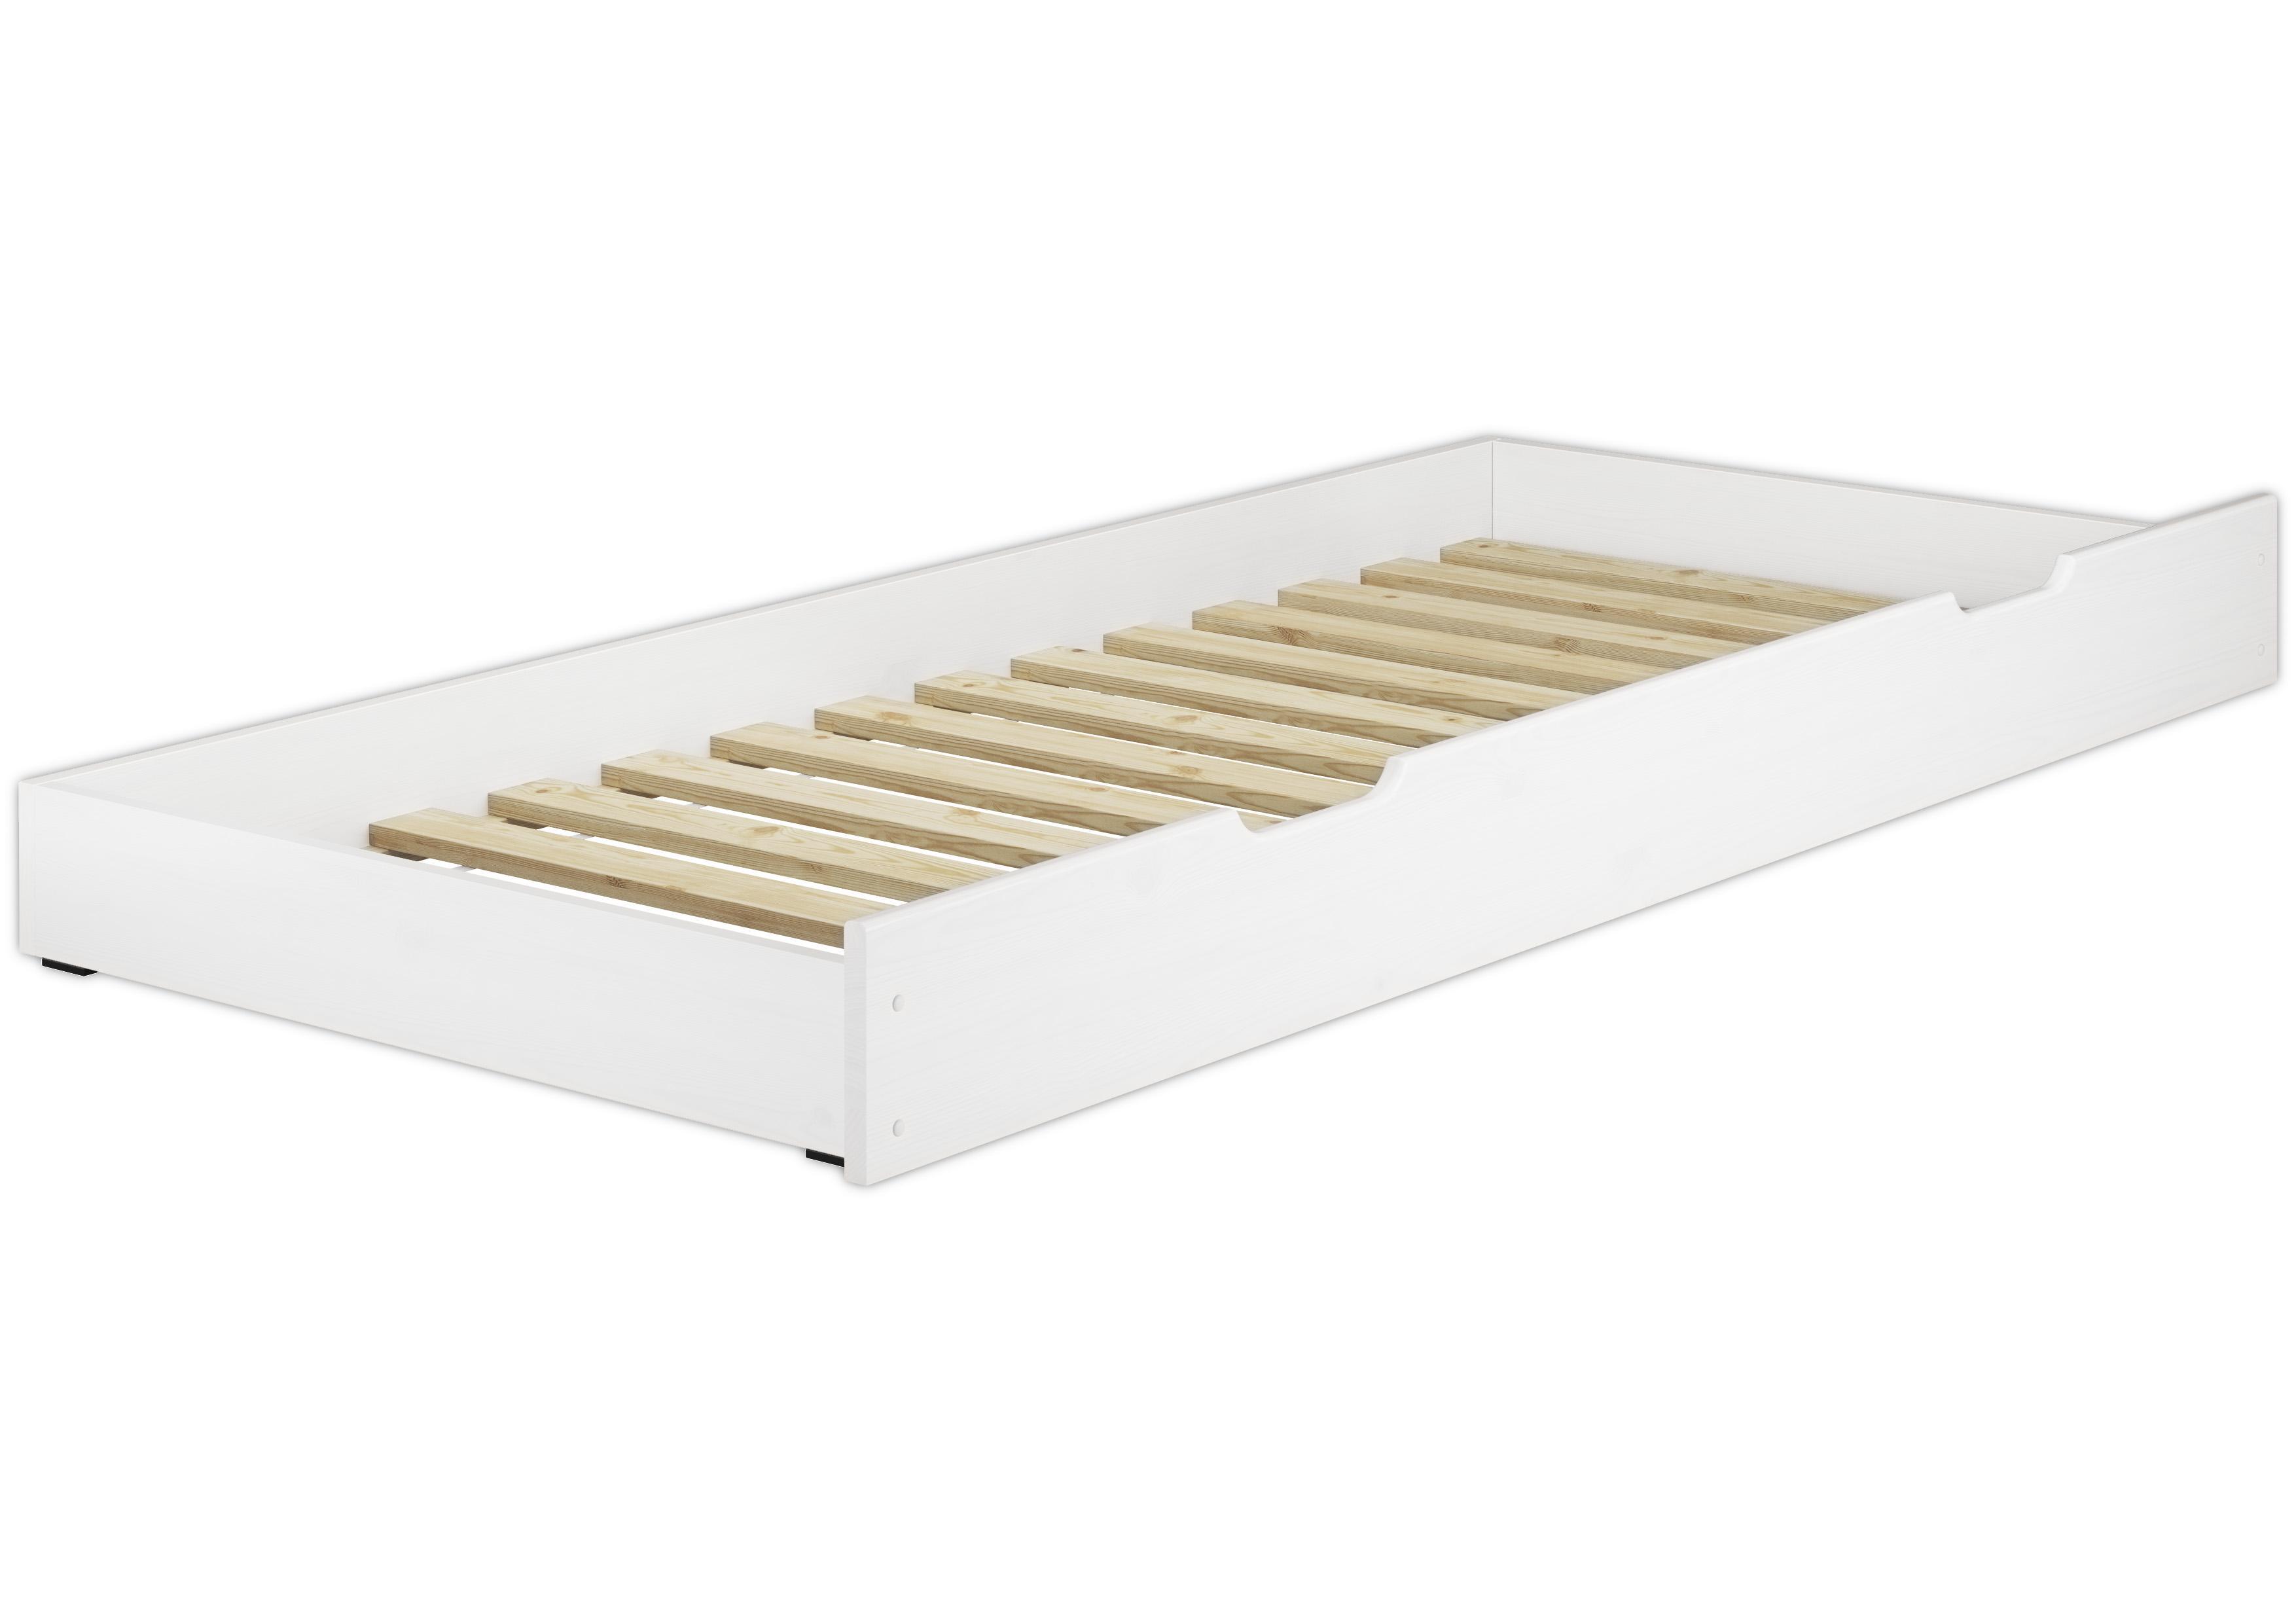 Etagenbett Nischenhöhe : Erst holz  w m s etagenbett für erwachsene weiß